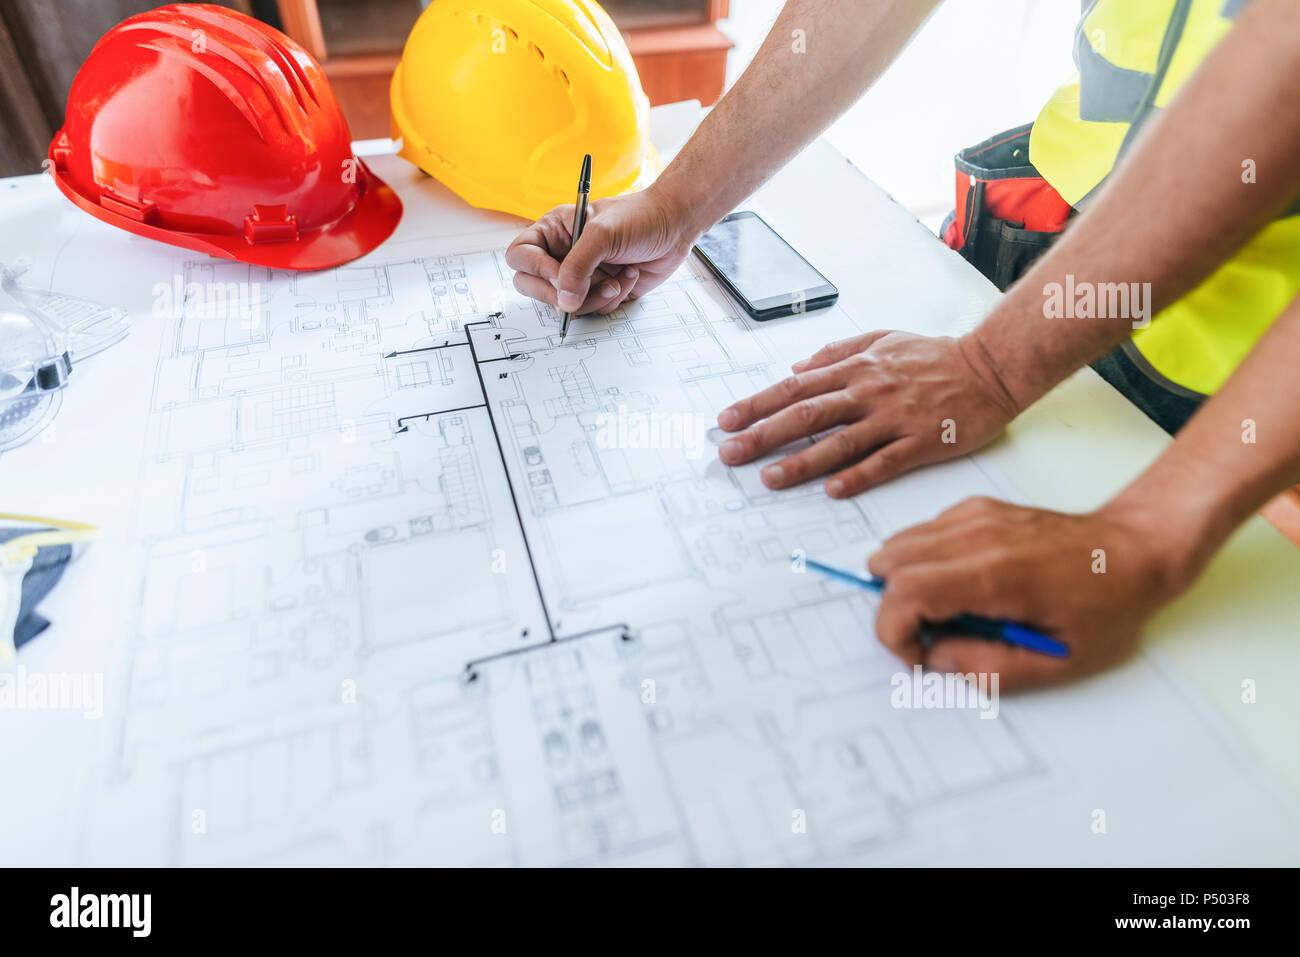 Close-up de manos de trabajadores, trabajando sobre el plano de construcción Imagen De Stock